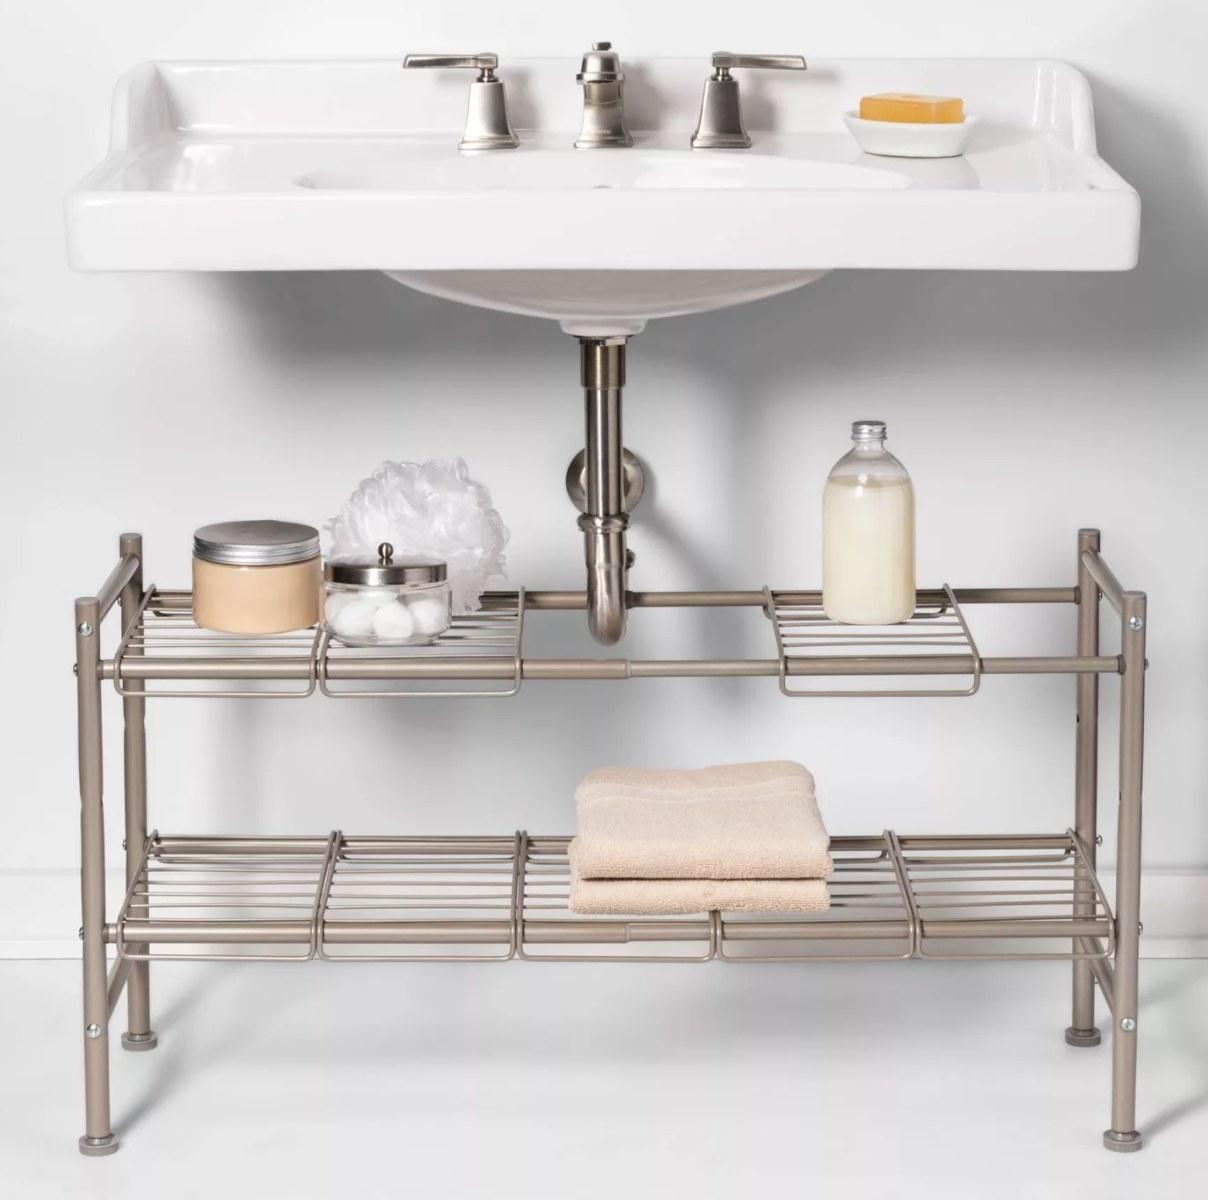 Brushed nickel under-sink, two-tier storage shelf